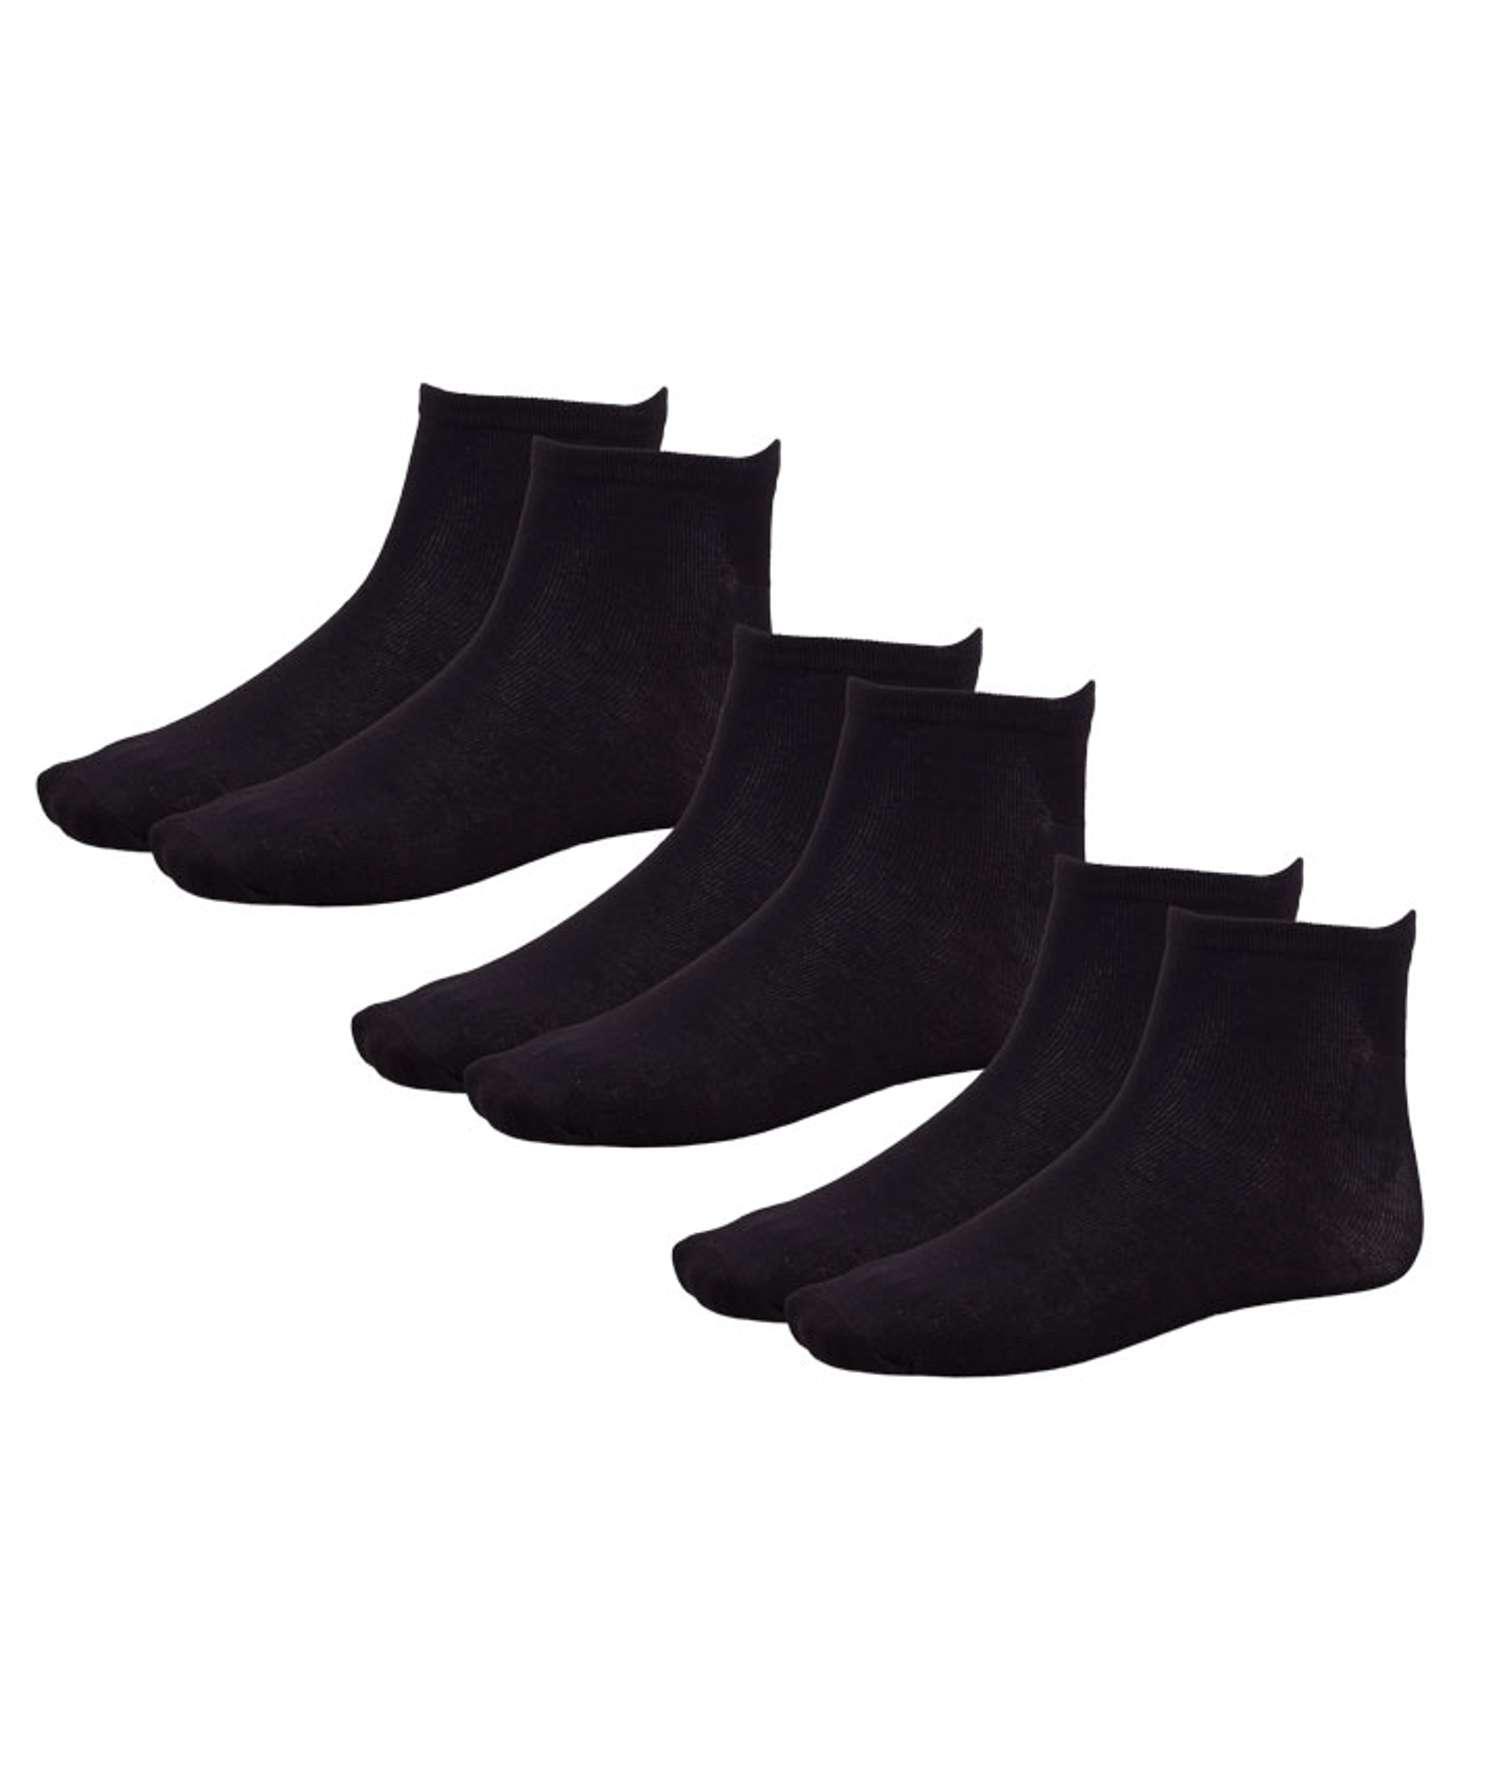 Kopenhaken - Berk herre bambus sokker - Sort - Størrelse 39/42